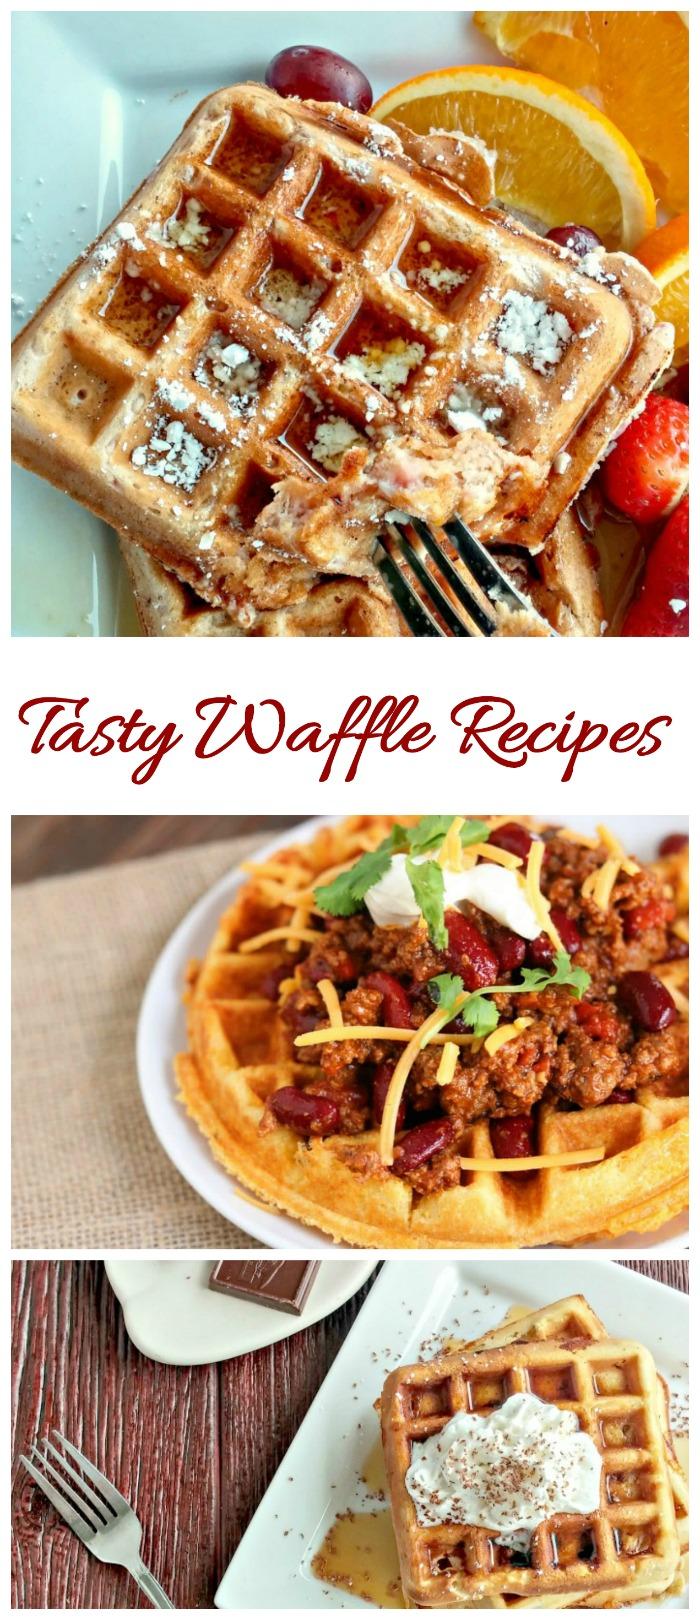 Tasty Waffle Recipes